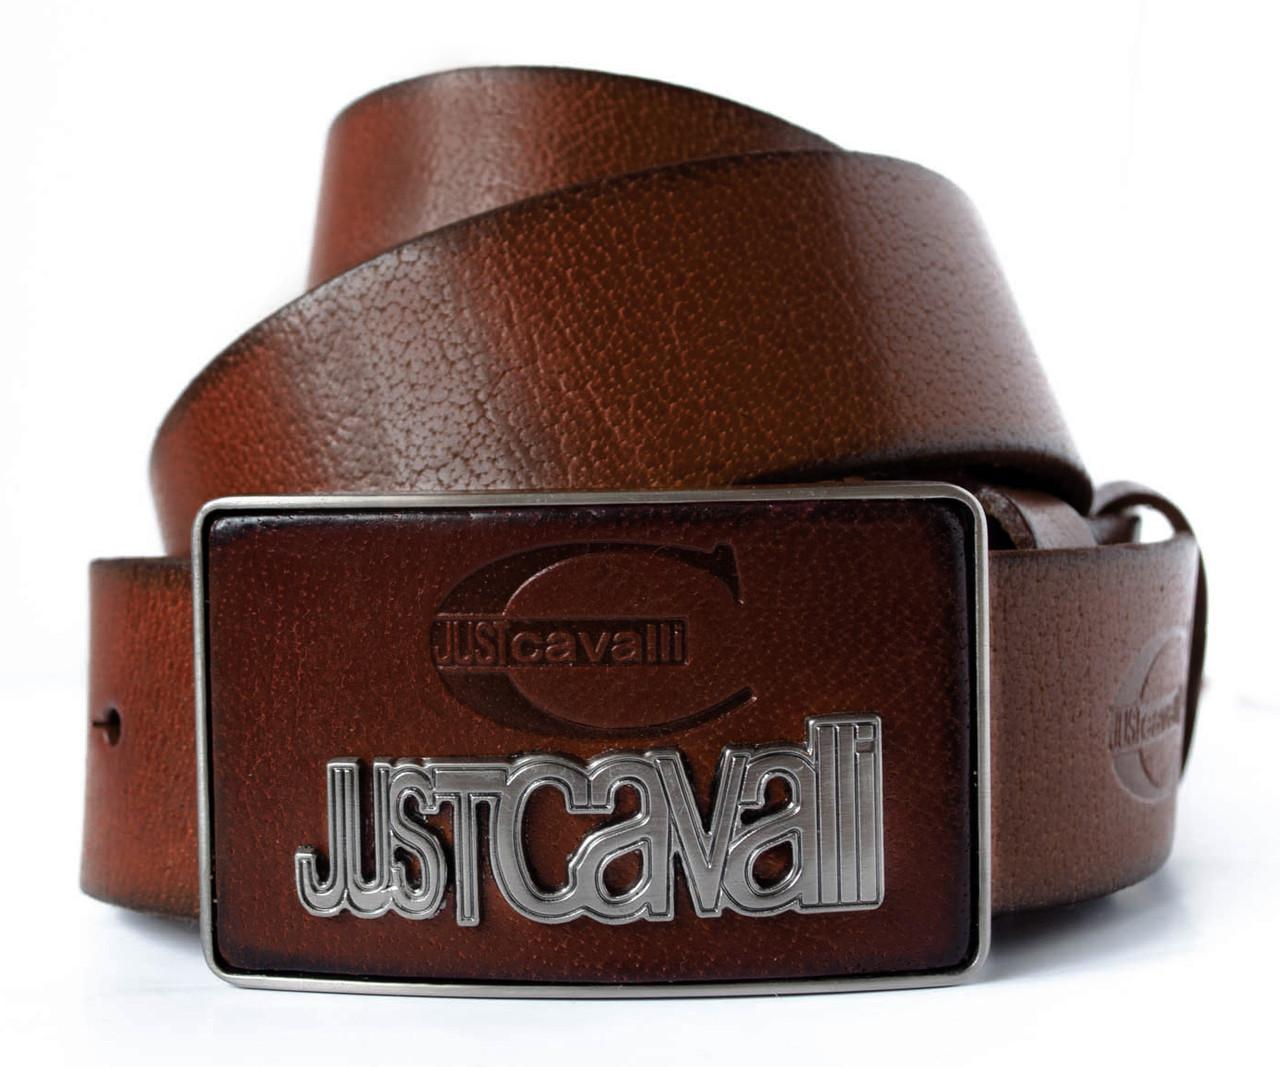 Темно коричневый джинсовый мужской ремень из кожи со стильной пряжкой в стиле Just Cavalli